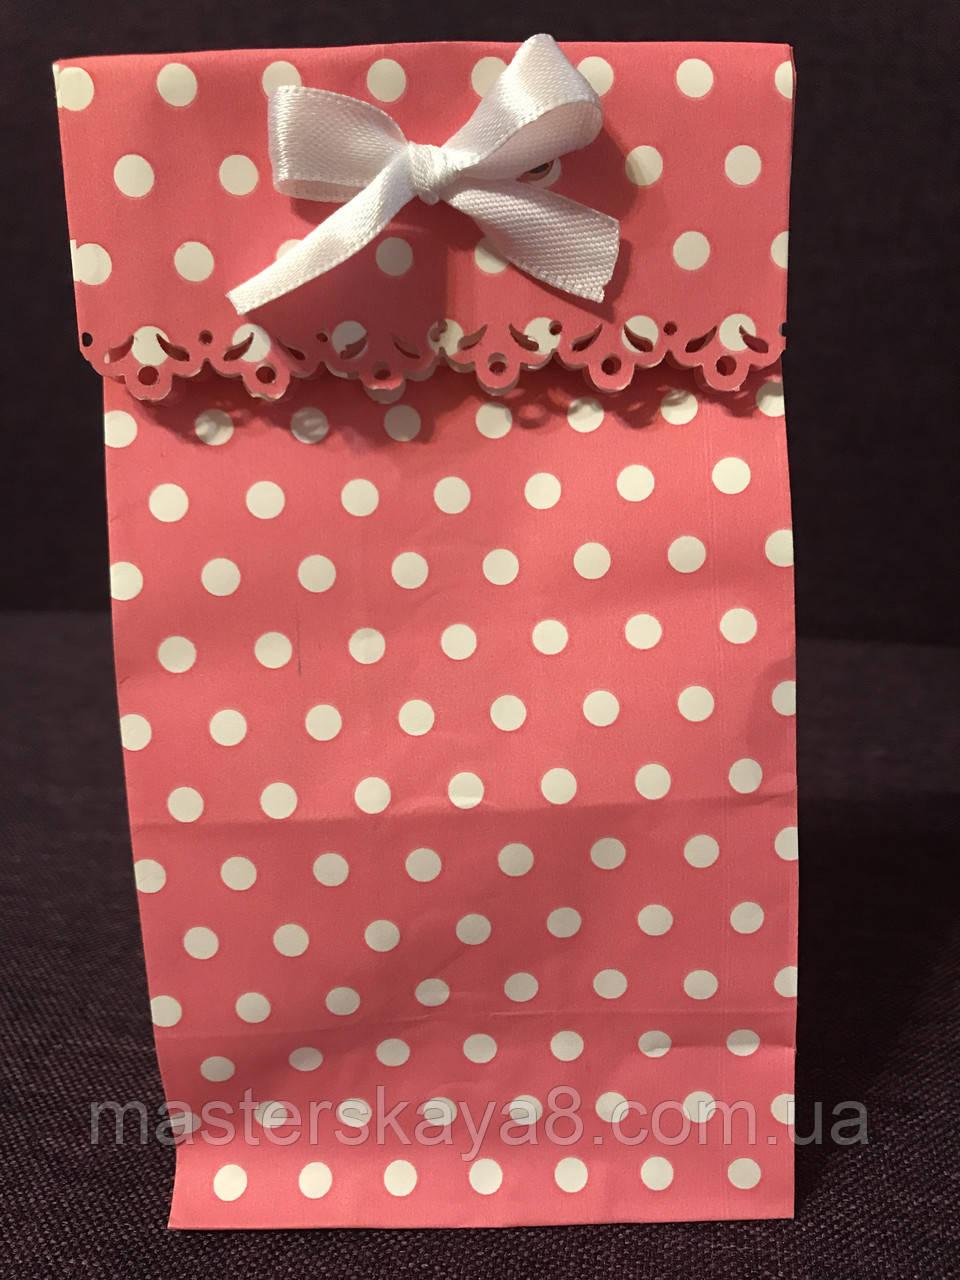 Пакеты бумажные подарочные резные 20*9*6,5 см розовые в ...